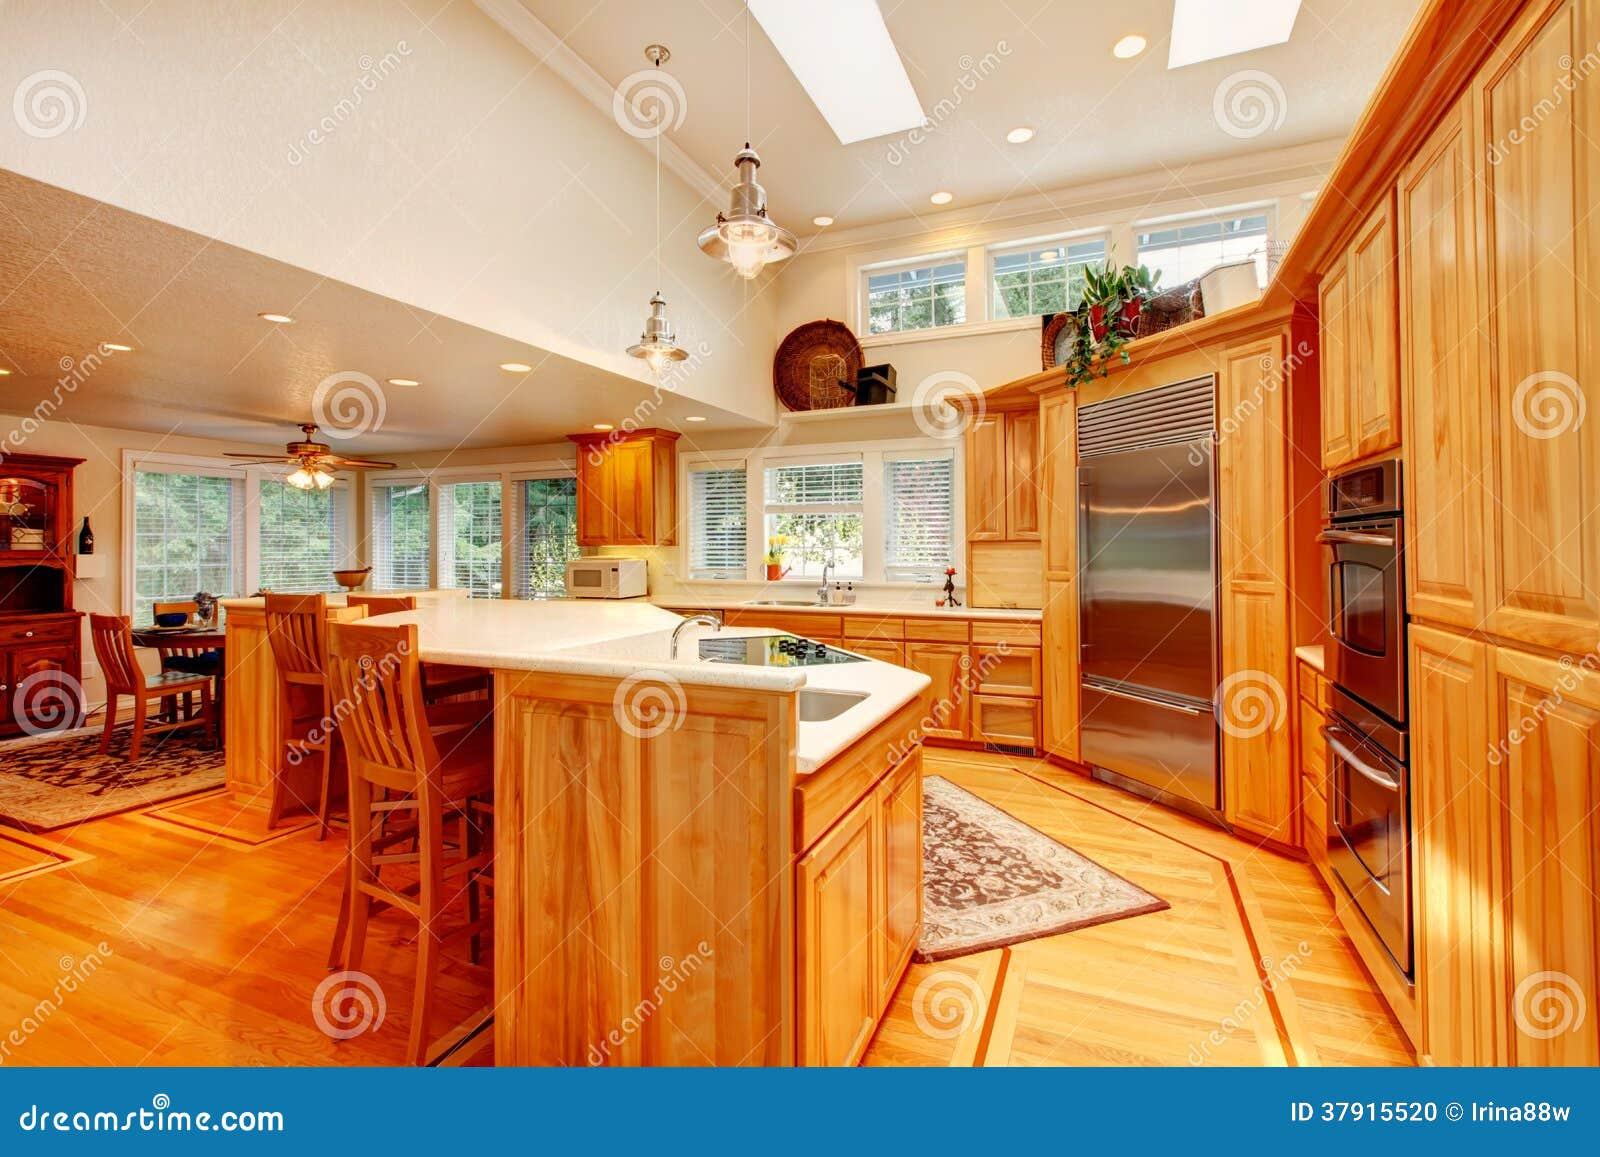 #C04007  Stock: Sala e o espaço para refeições modernos bonitos da cozinha 1300x957 px Projetos Bonitos Da Cozinha_124 Imagens